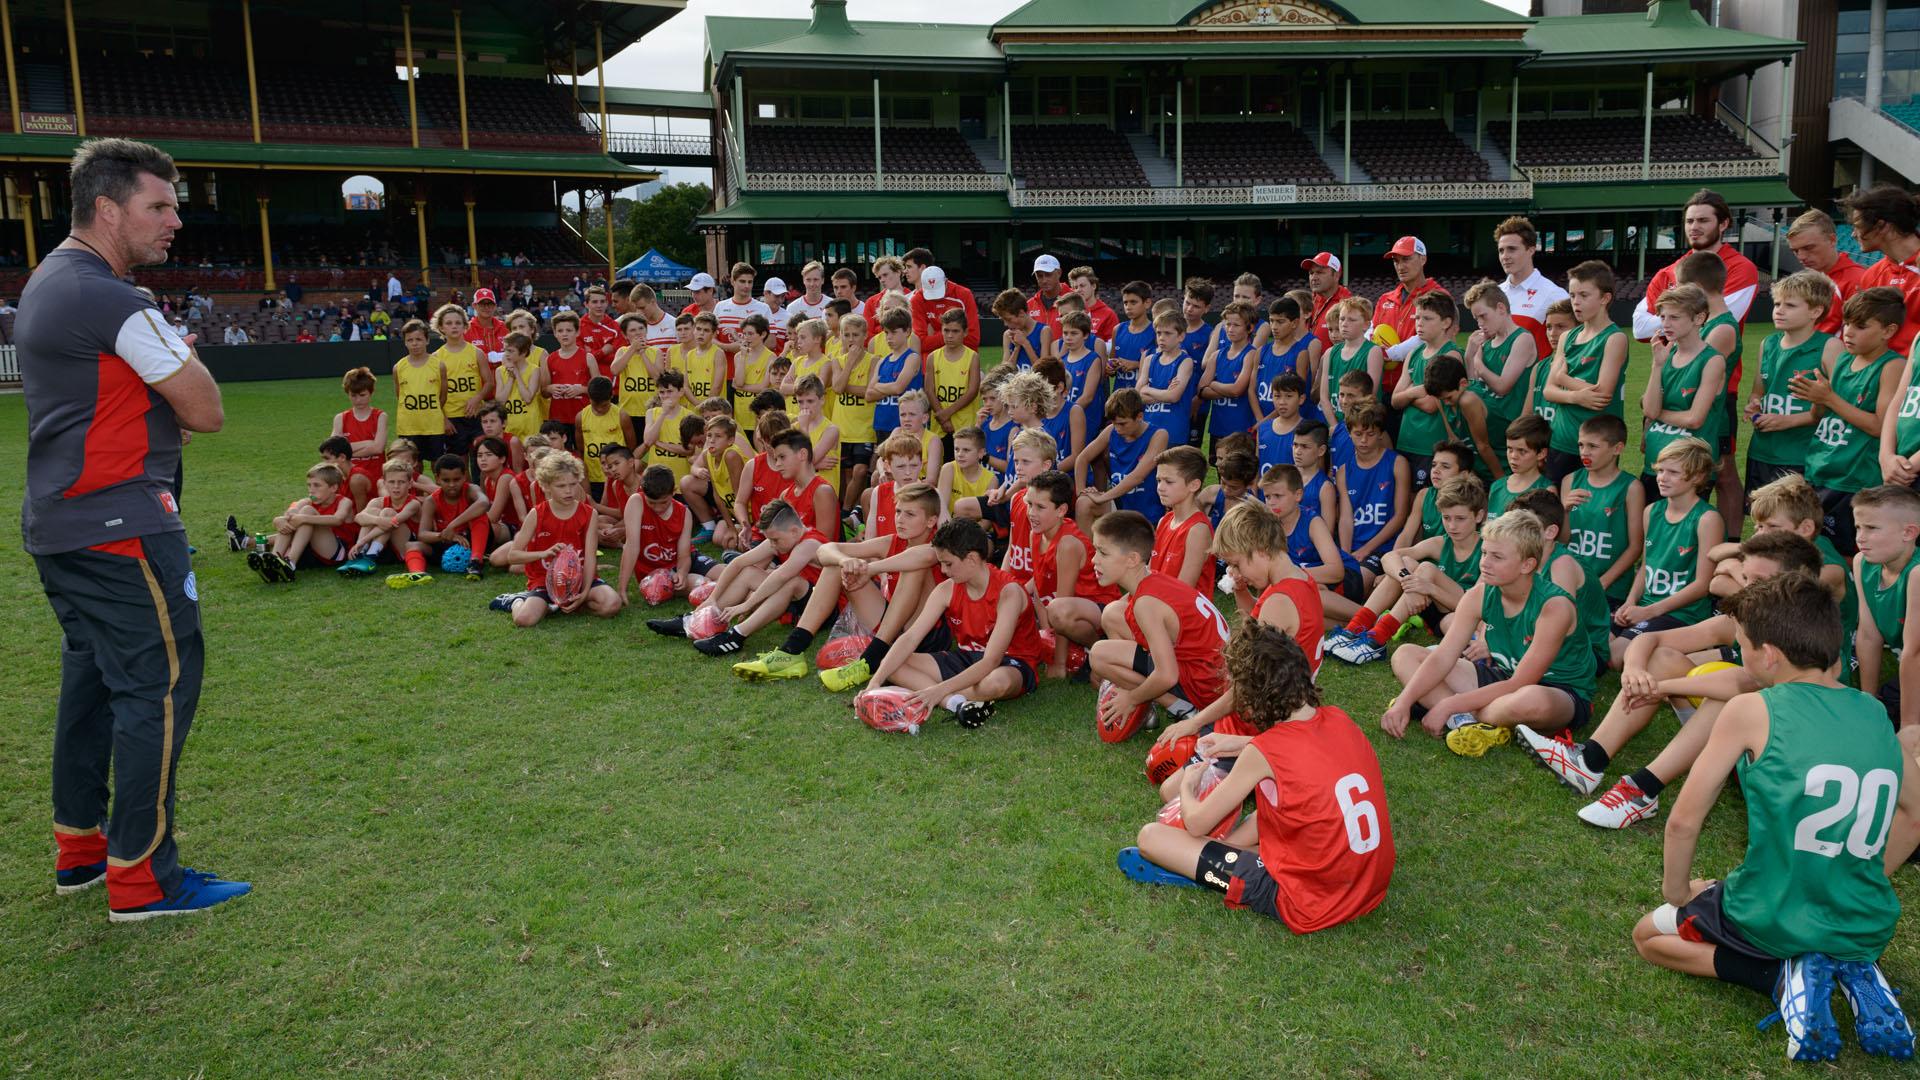 School for Swans - AFL - Inside Sport